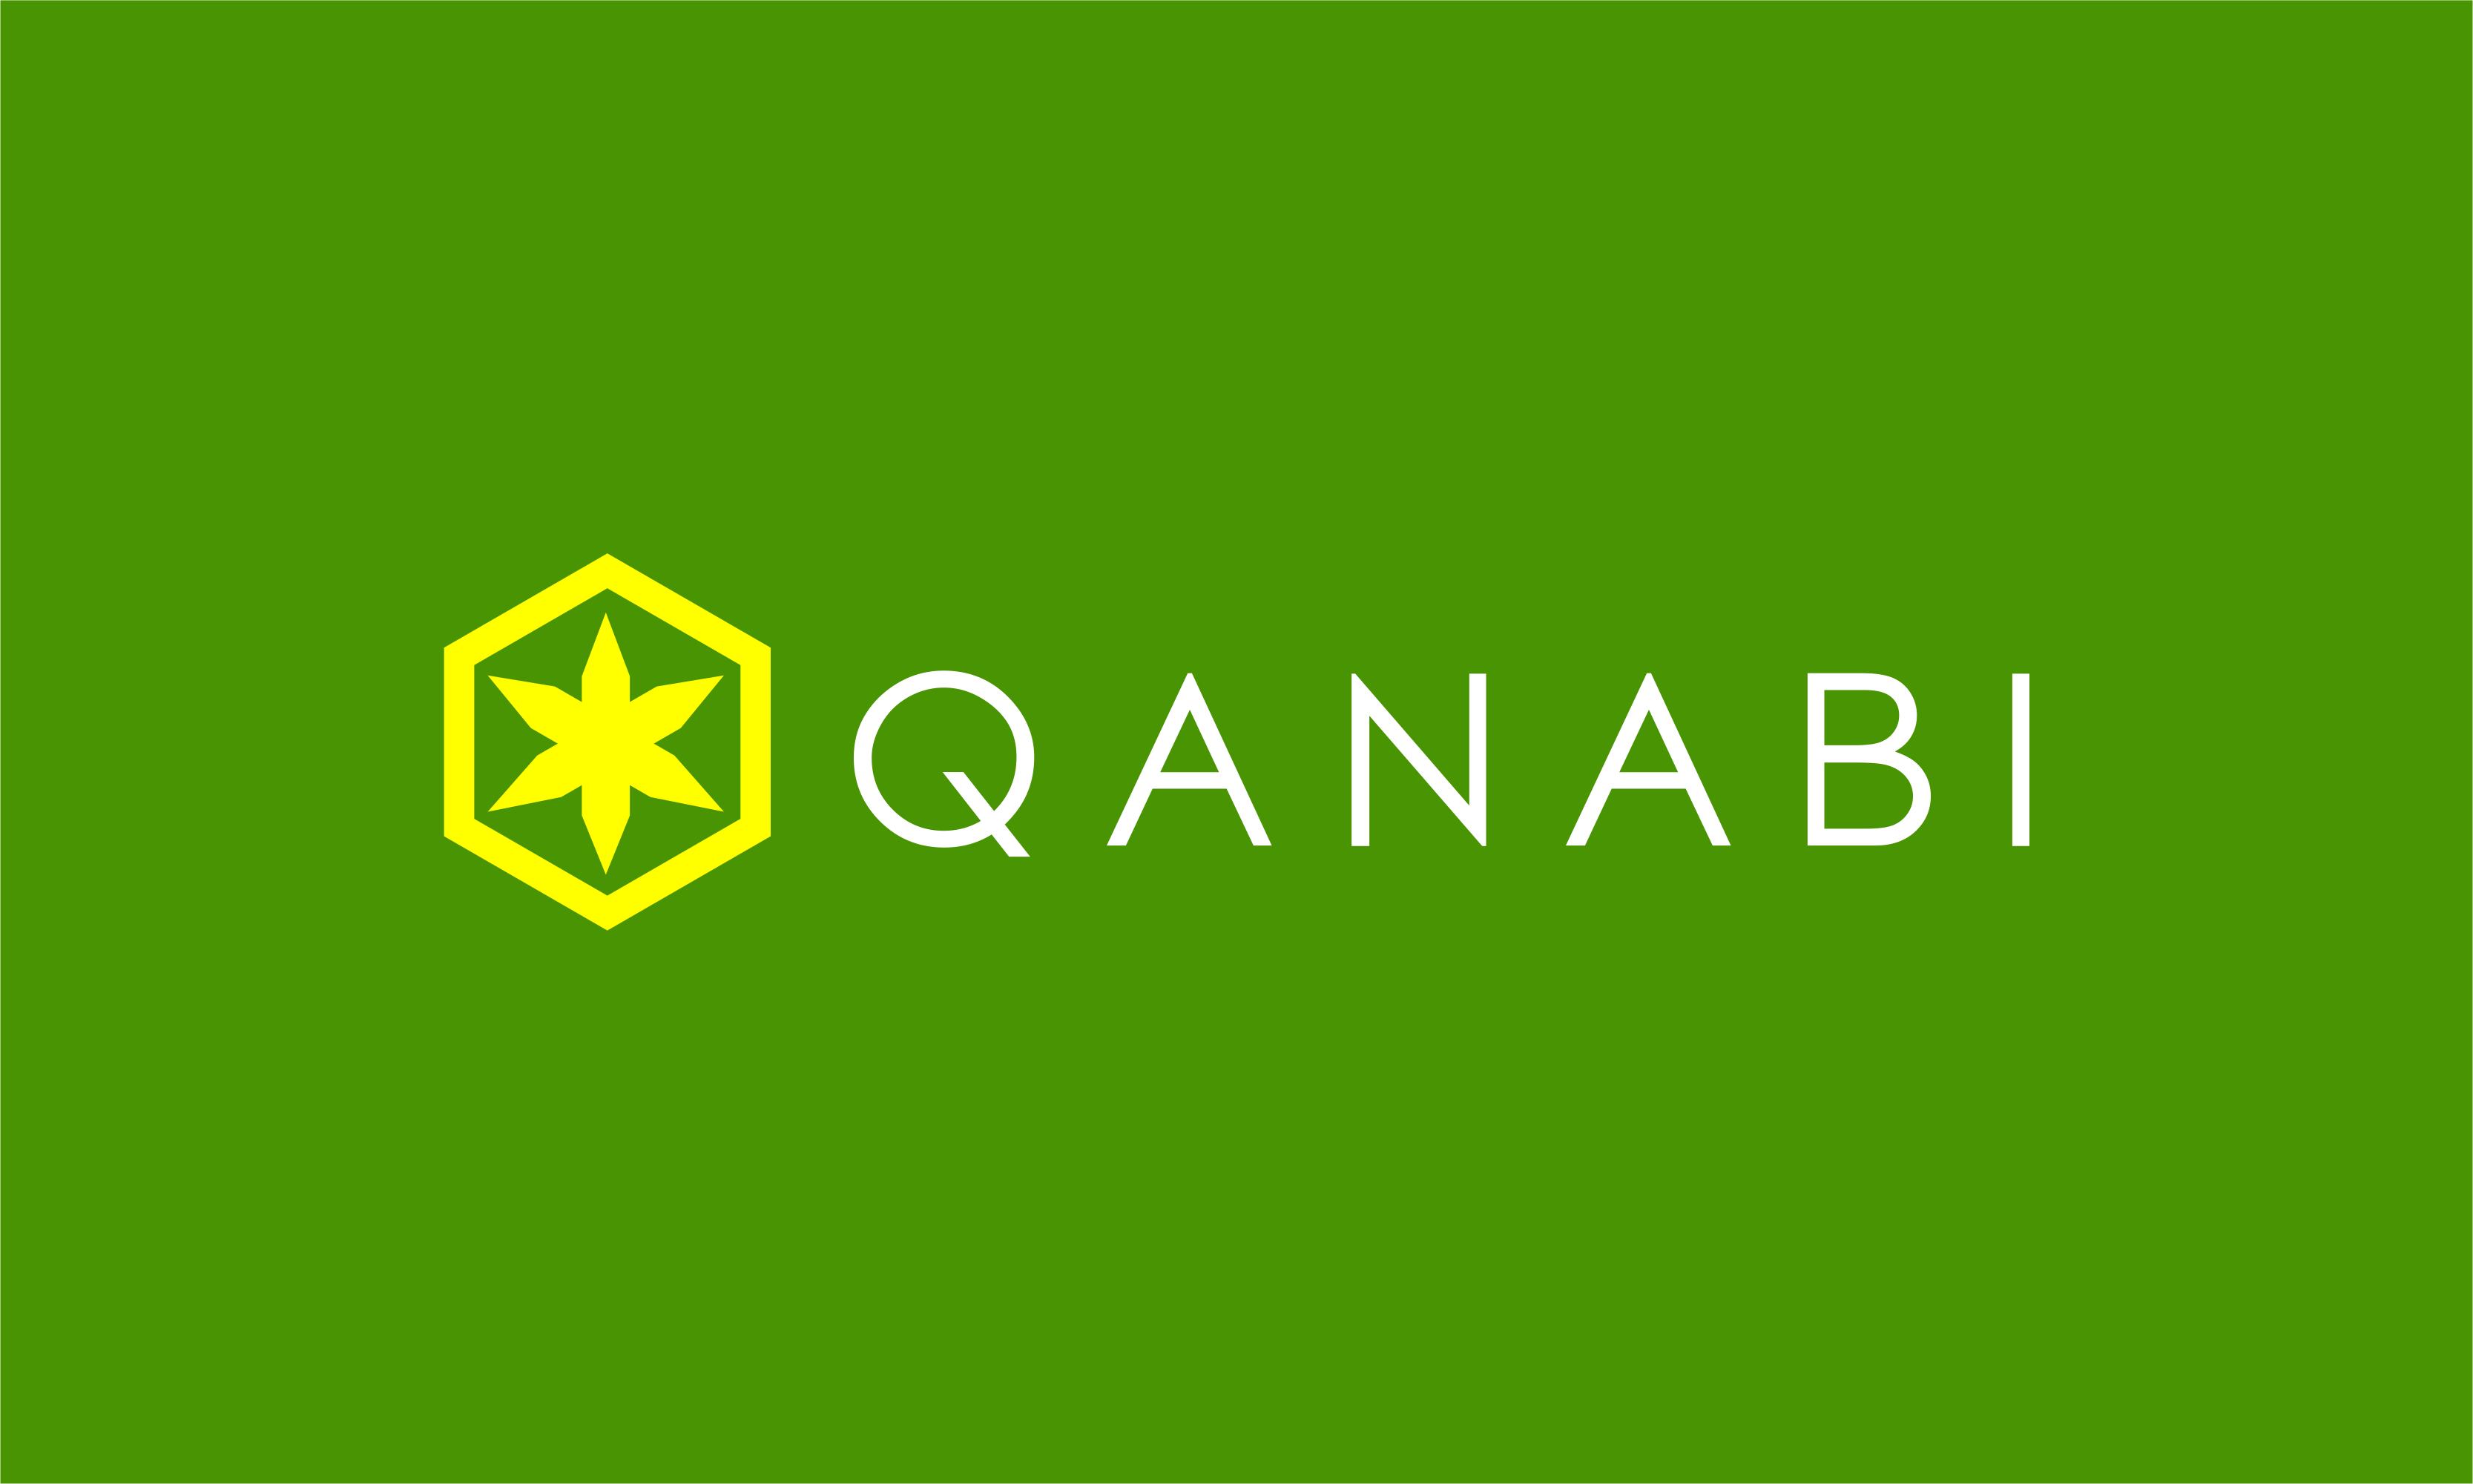 Qanabi